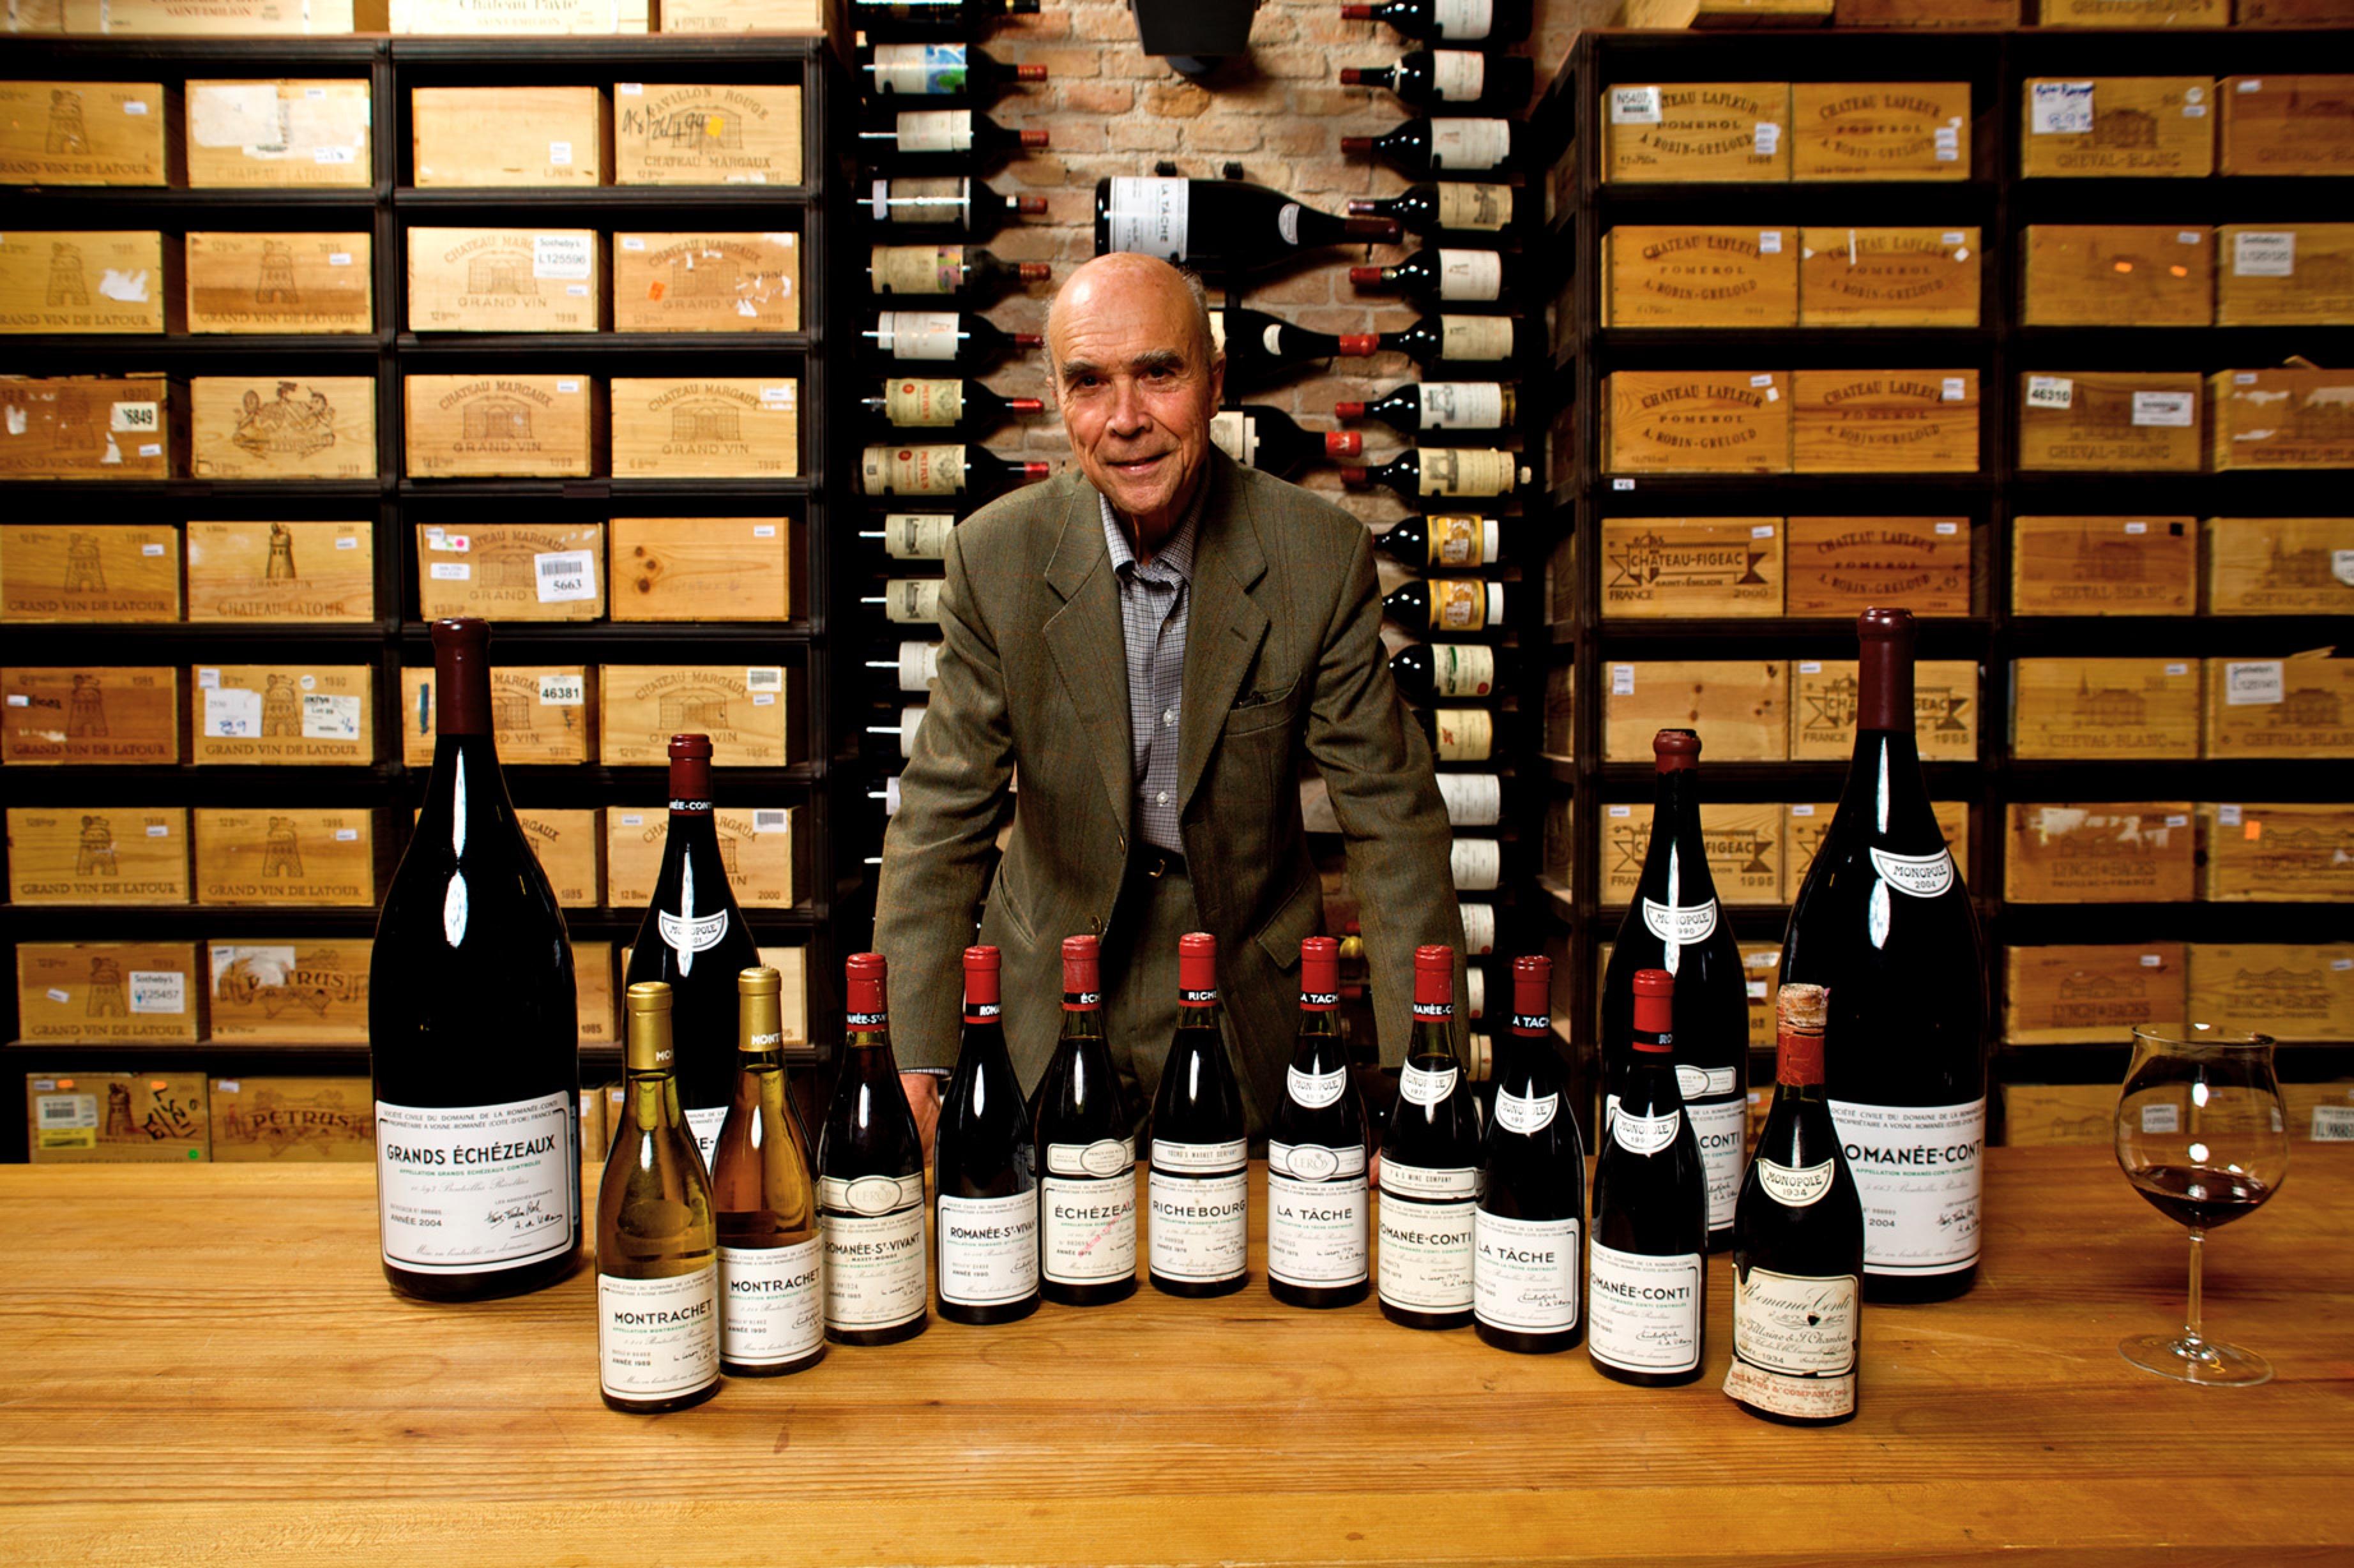 除了罗曼尼康帝和Leroy,勃艮第各村最顶级的葡萄酒都有哪些?